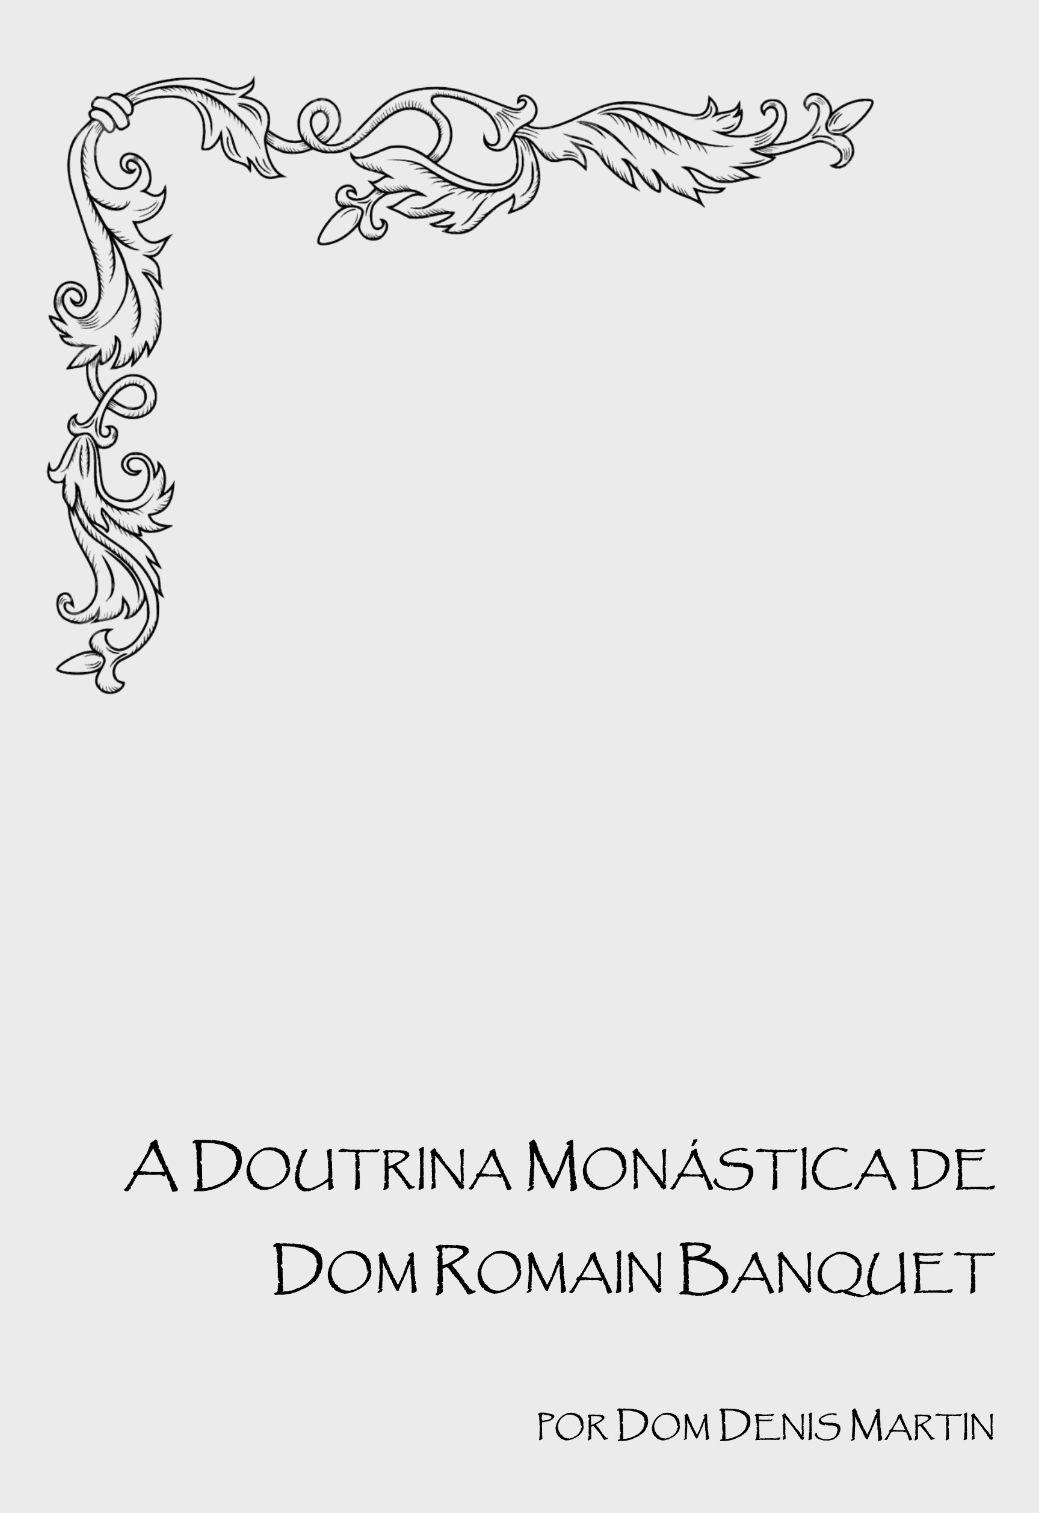 A Doutrina Monástica de Dom Romain Banquet - Dom Denis Martin